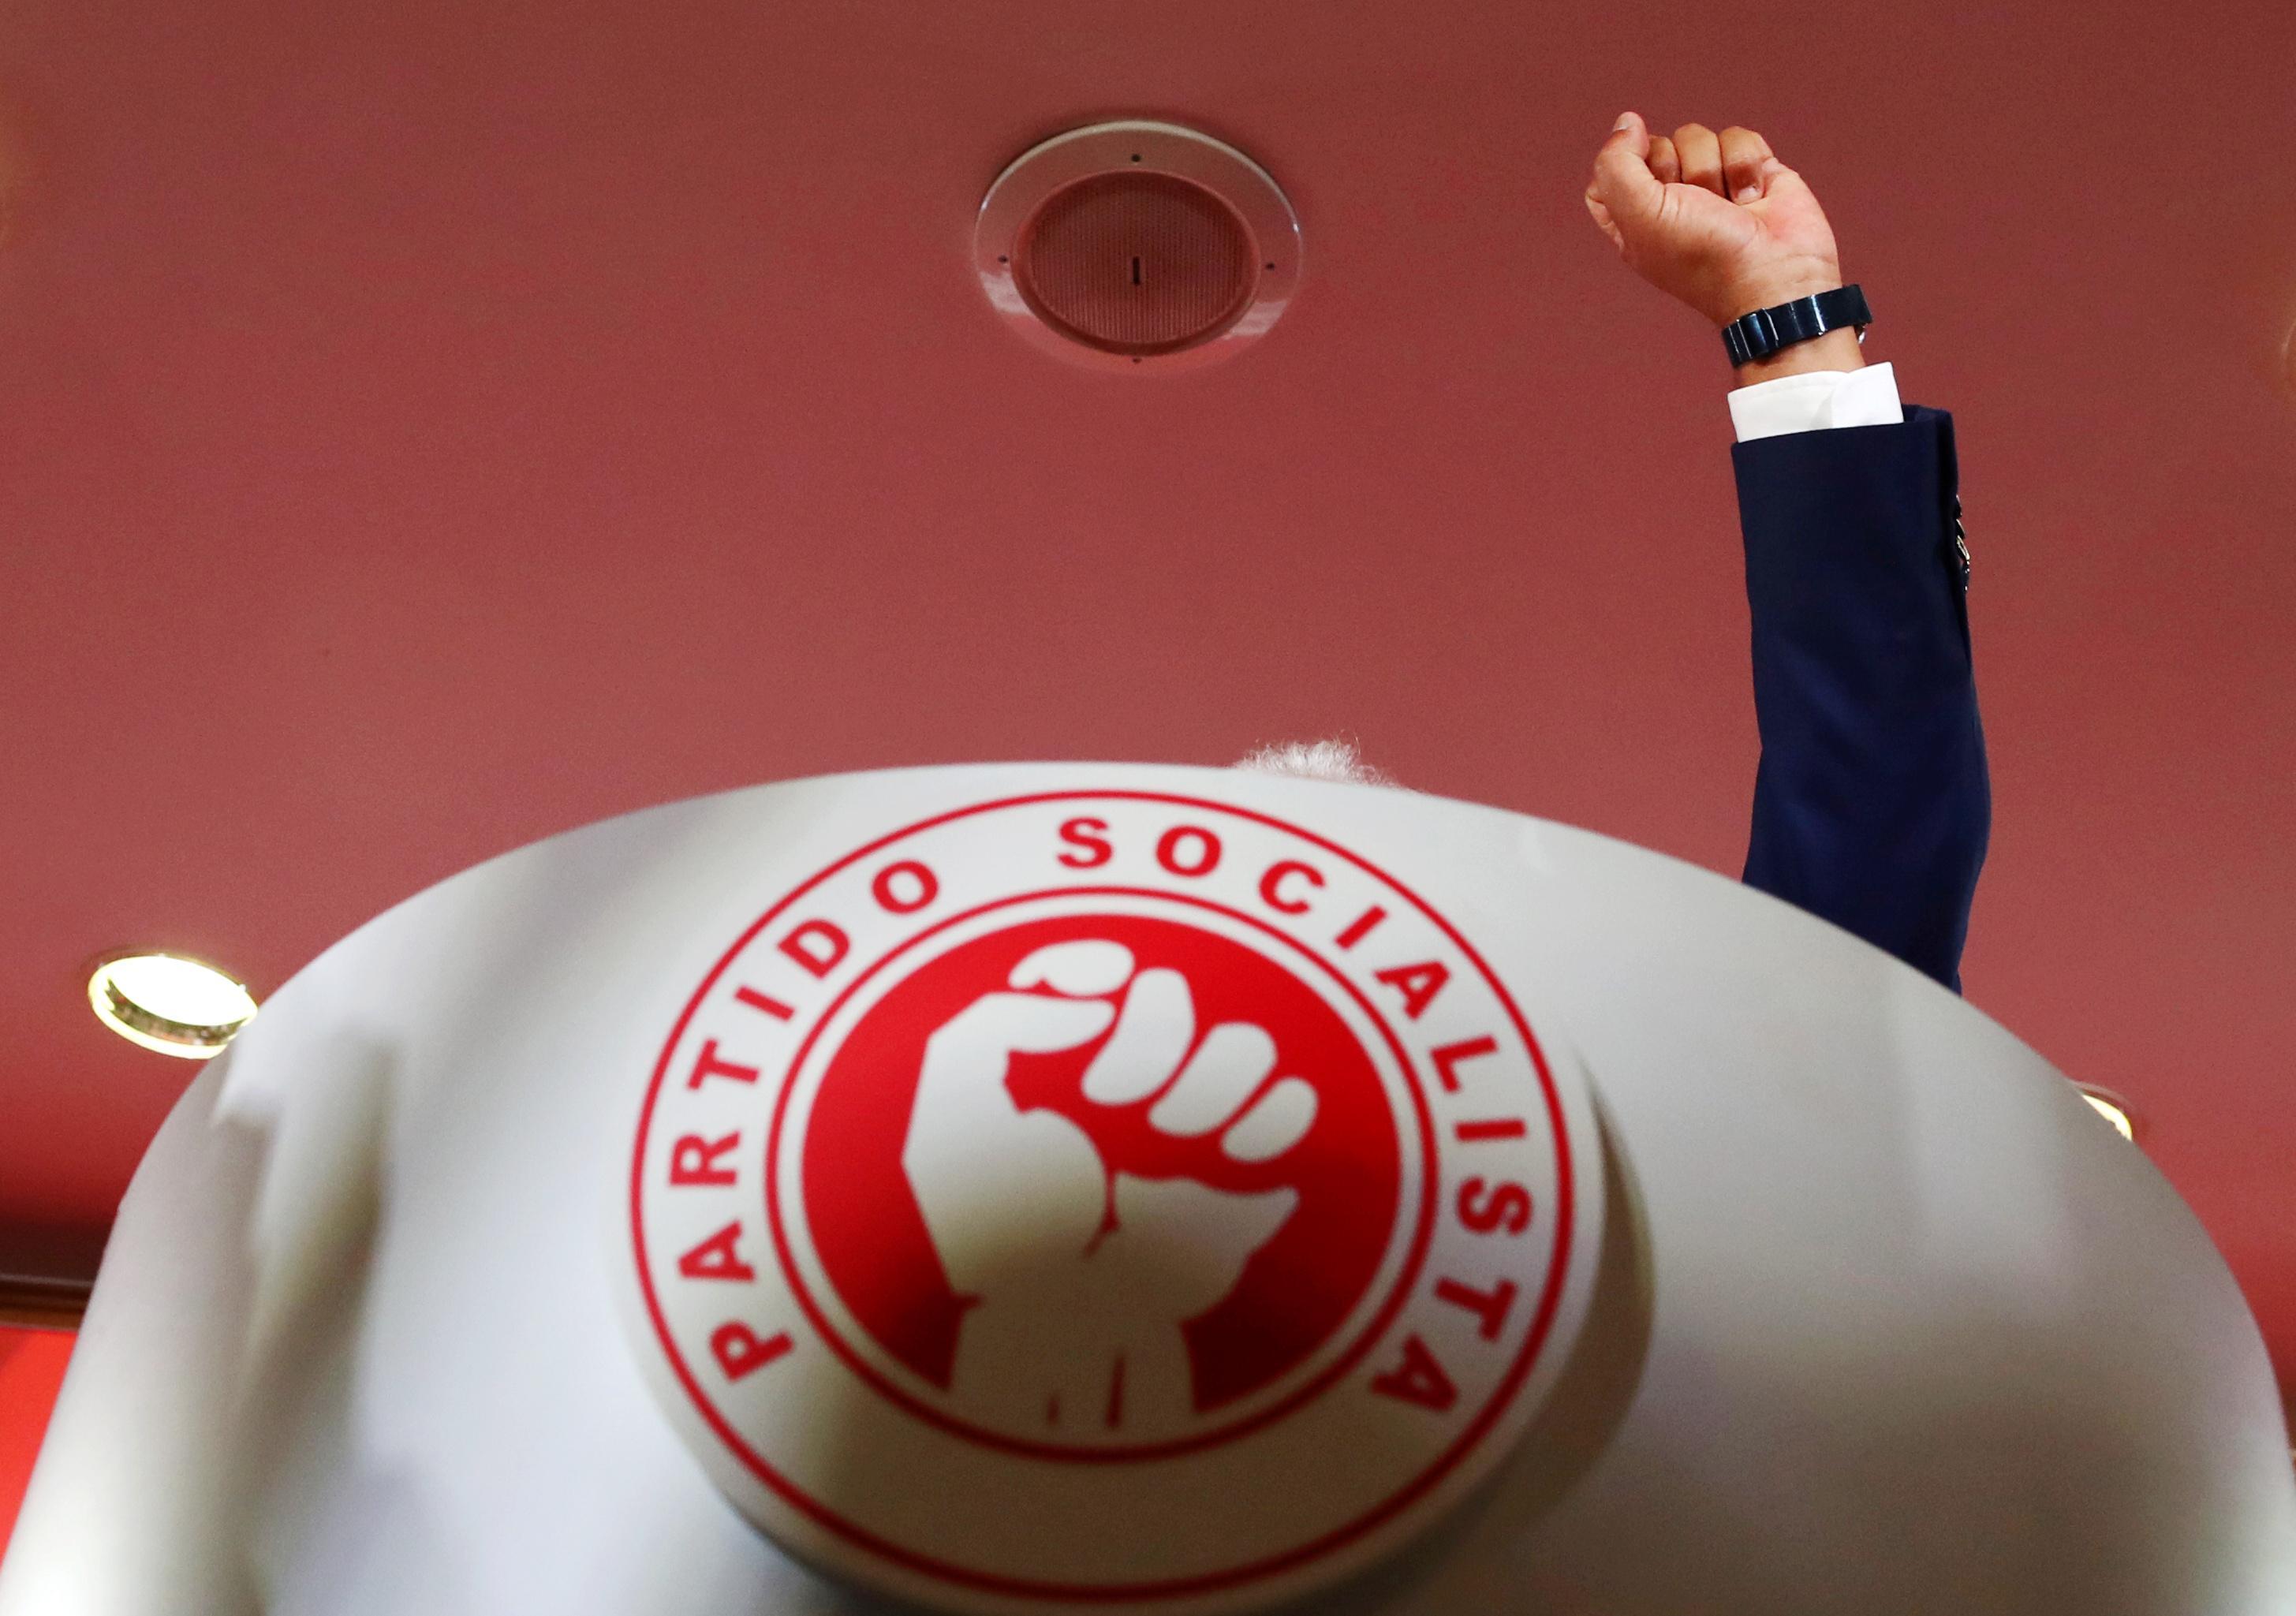 Portugal president seeks swift talks on premier after Socialist win